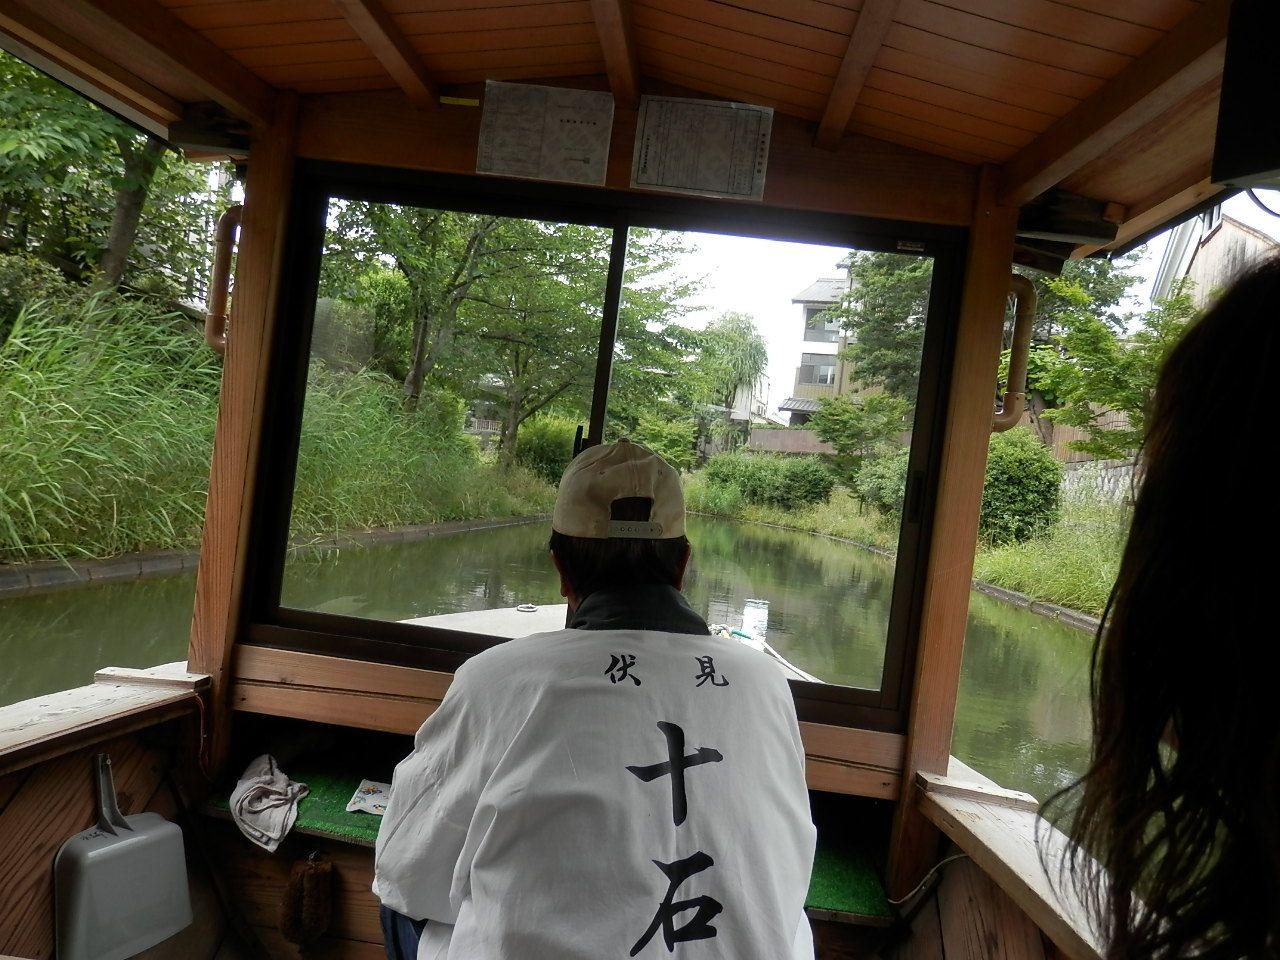 かつて川港町として栄えた伏見の町を水上から見てみよう